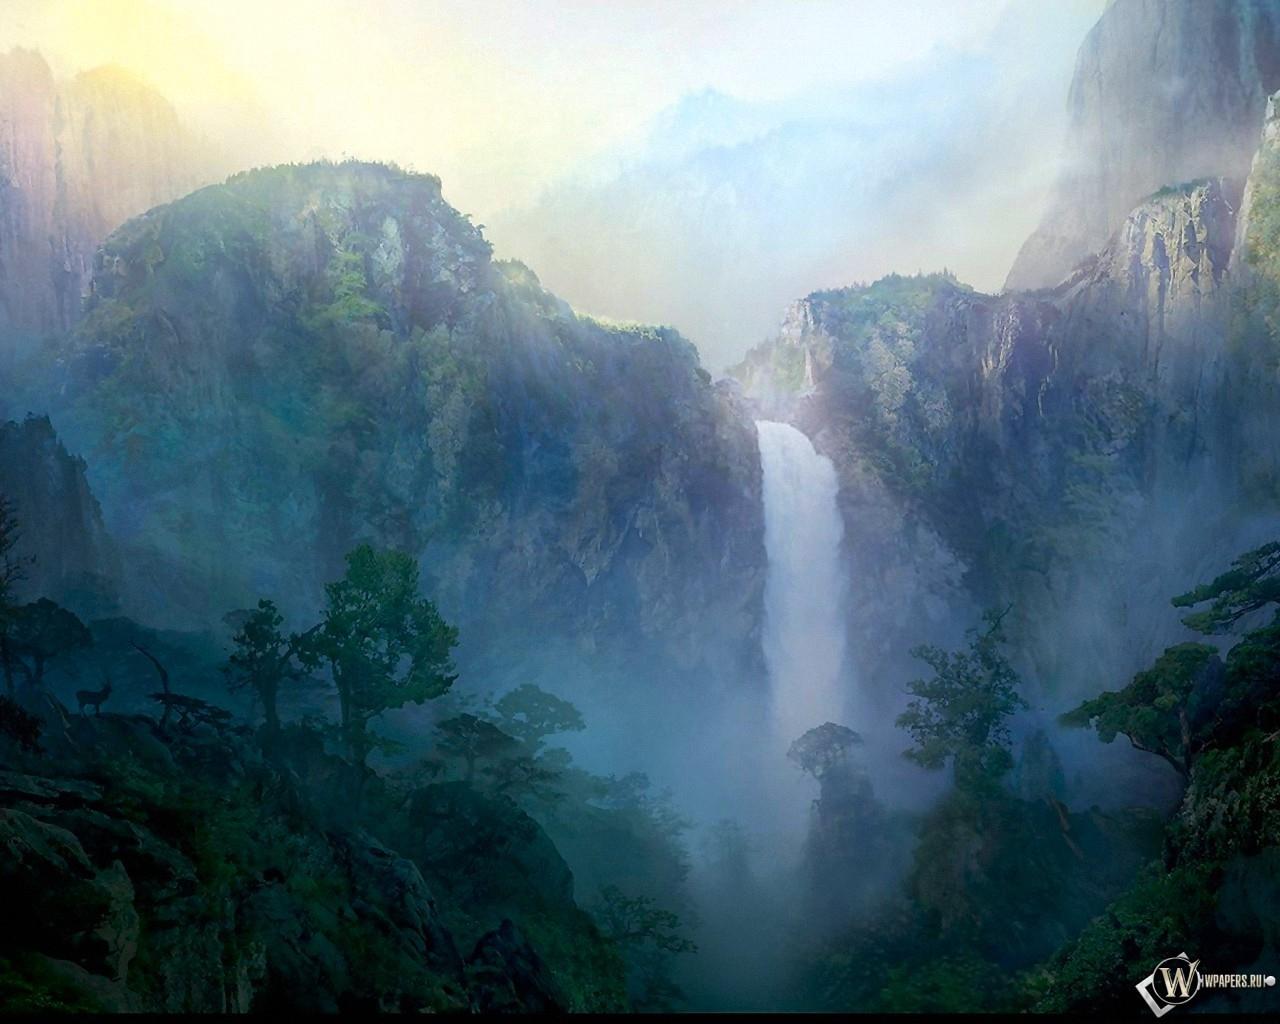 Туманный рассвет над водопадом 1280x1024